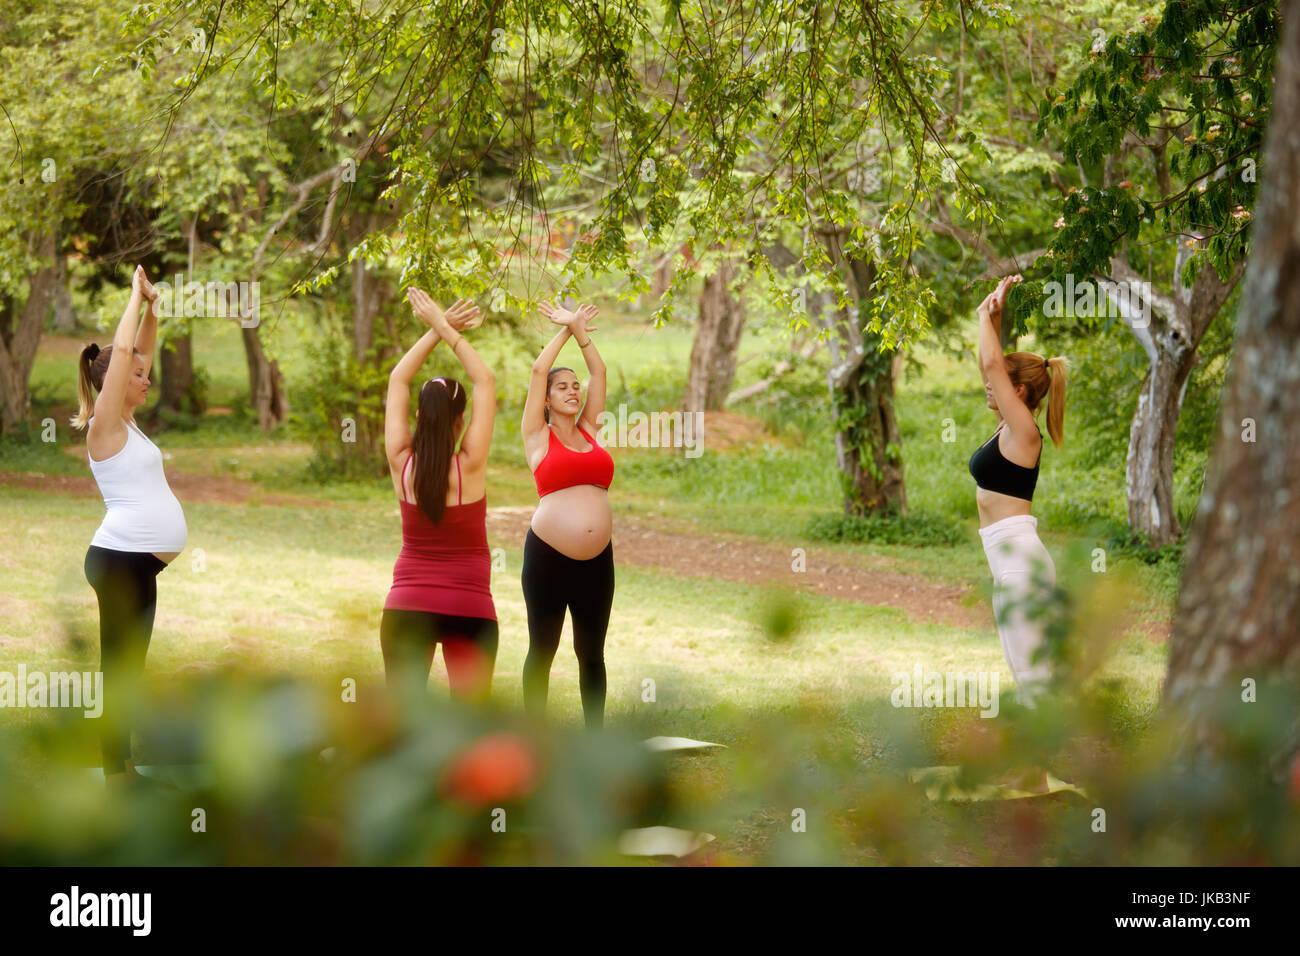 Las mujeres embarazadas, grupo de madres con el entrenador de formación haciendo ejercicios de fitness y yoga Imagen De Stock